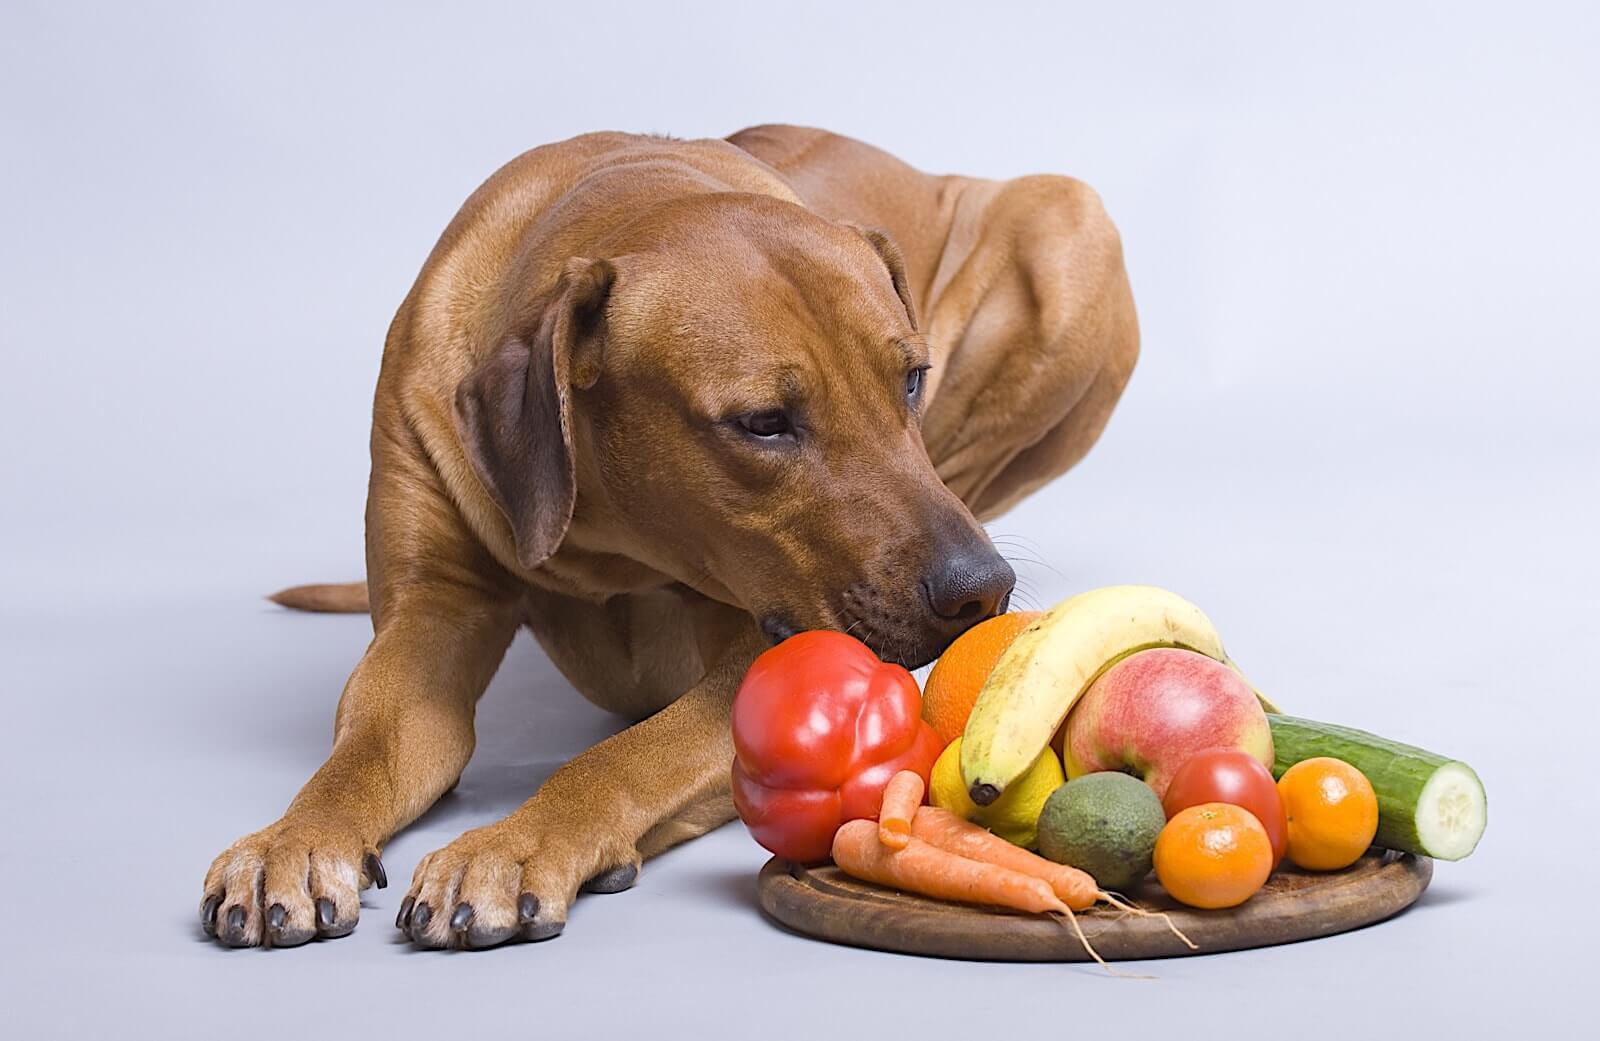 Почему собакам нельзя куриные кости: какой вред будет, если давать их, чем они опасны по мнению ветеринаров и о каких последствиях говорят те, кто кормили ими